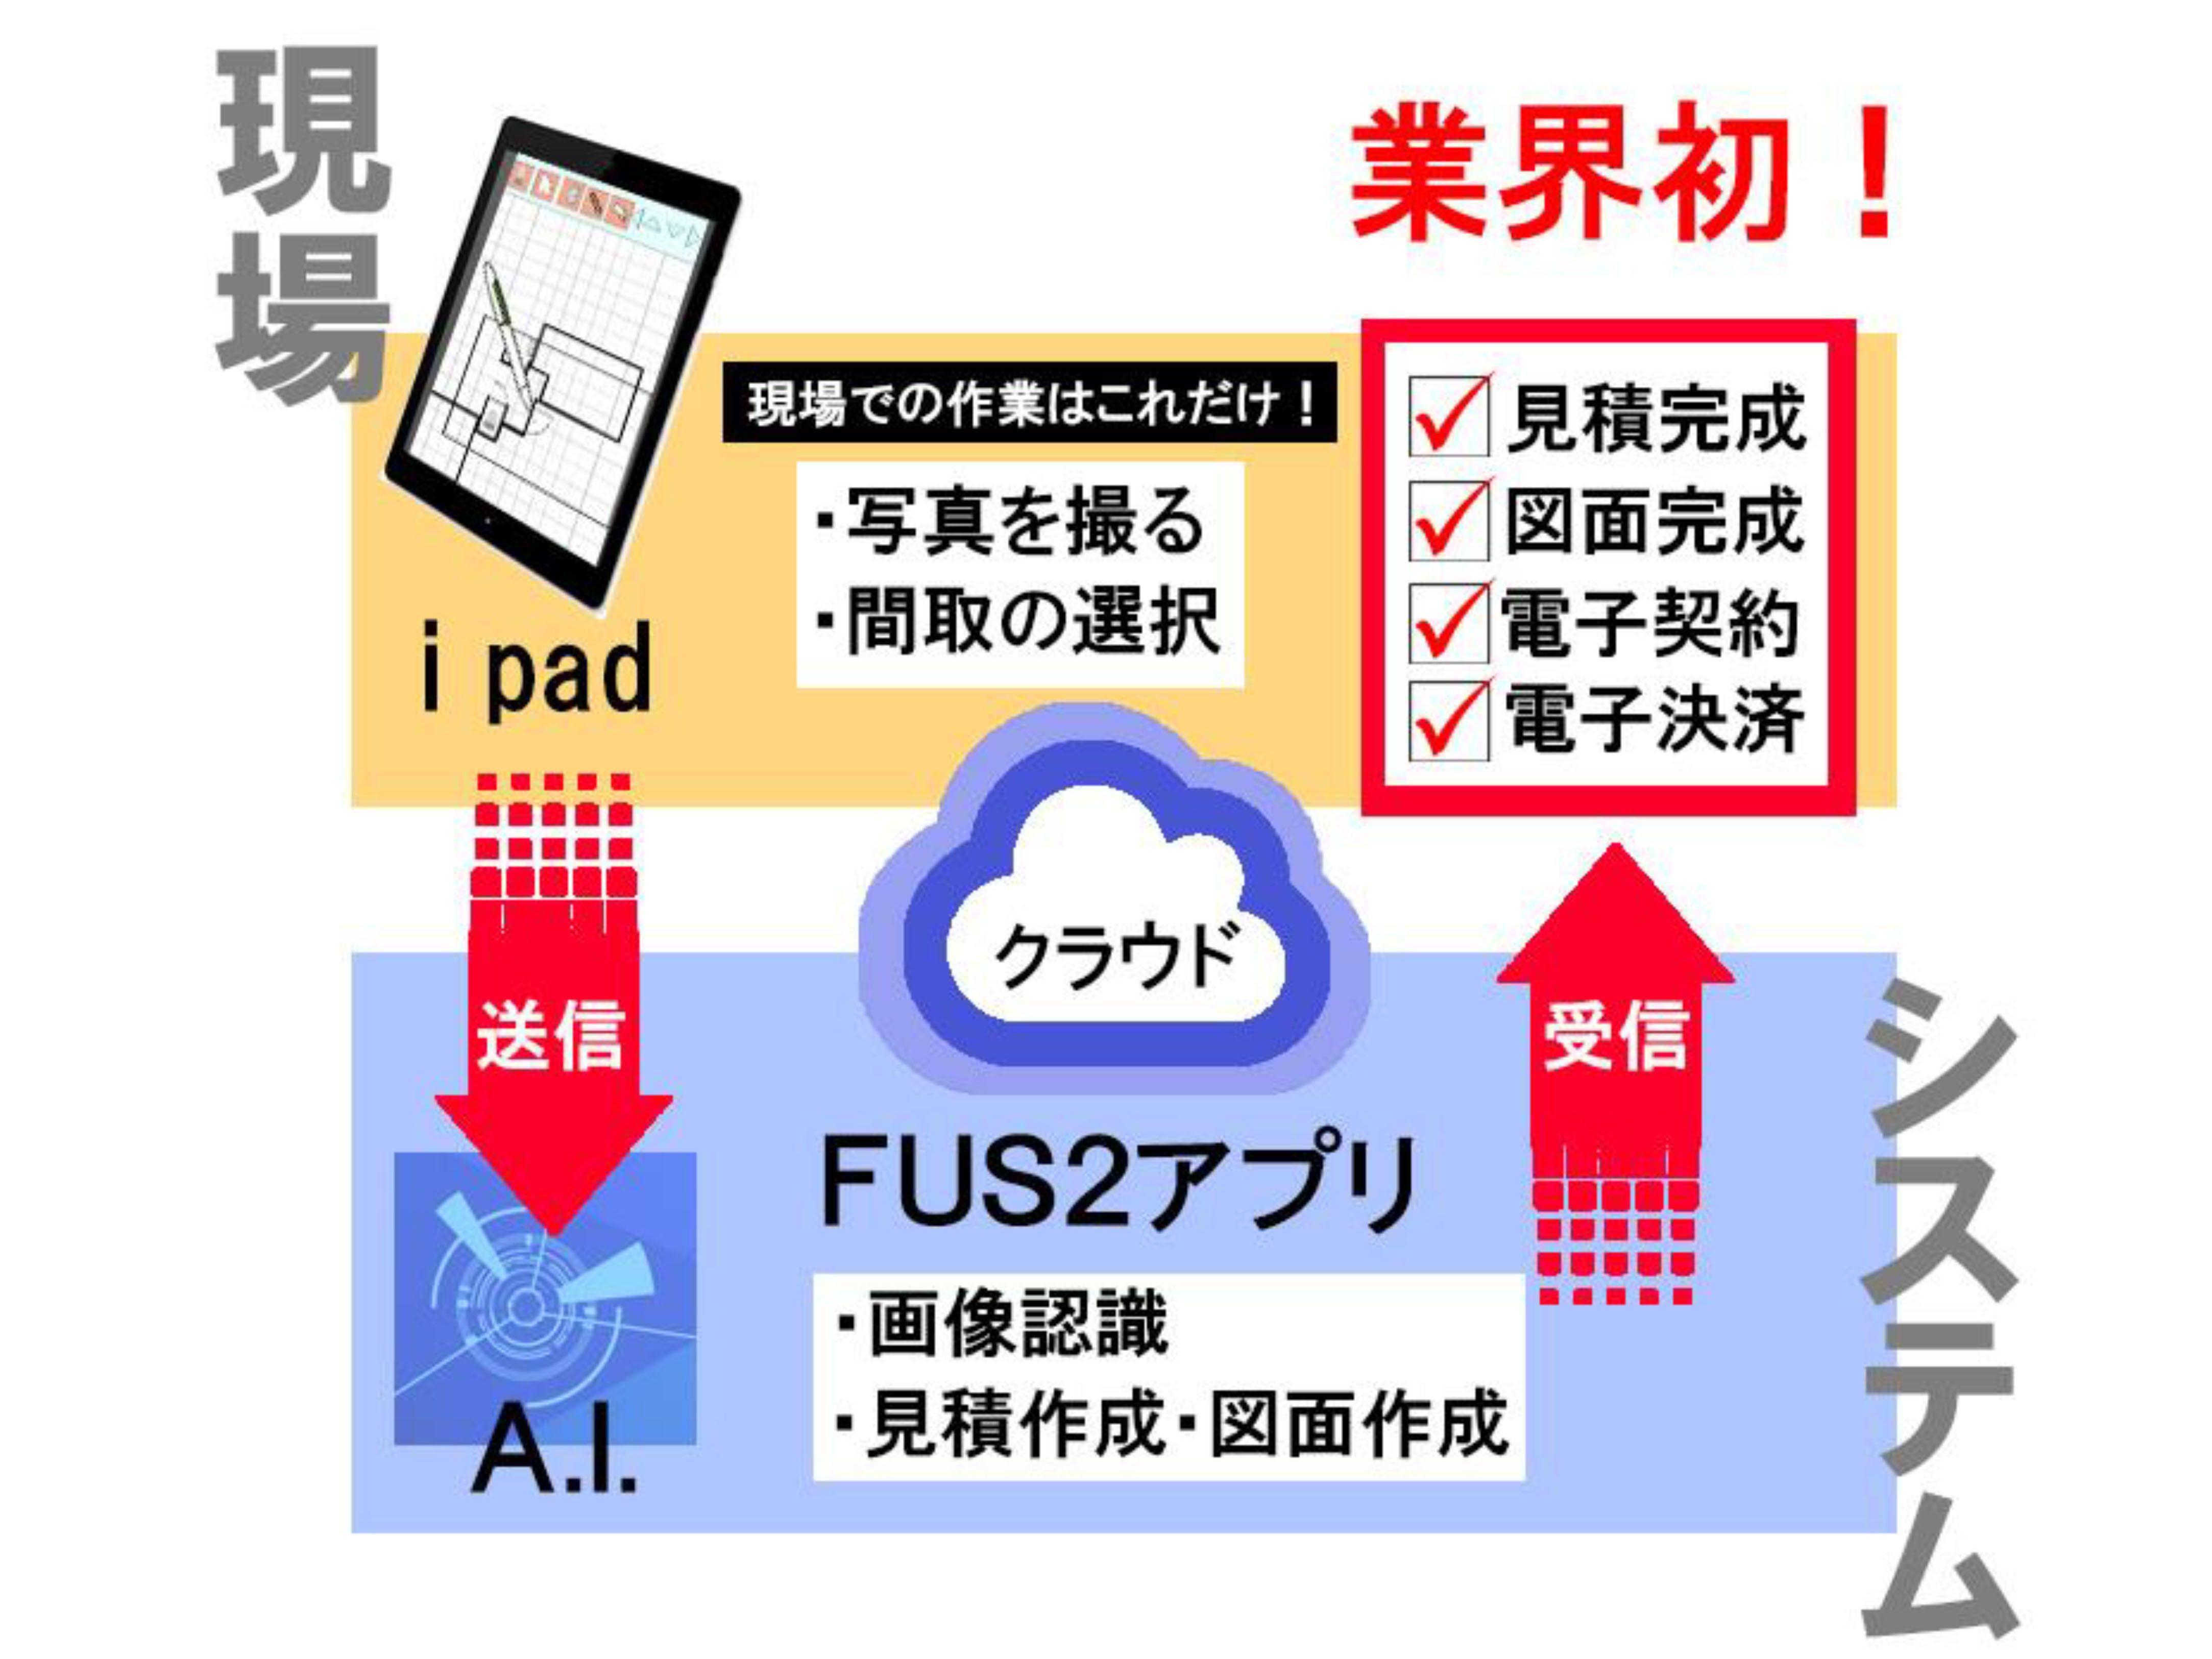 アプリ説明図1